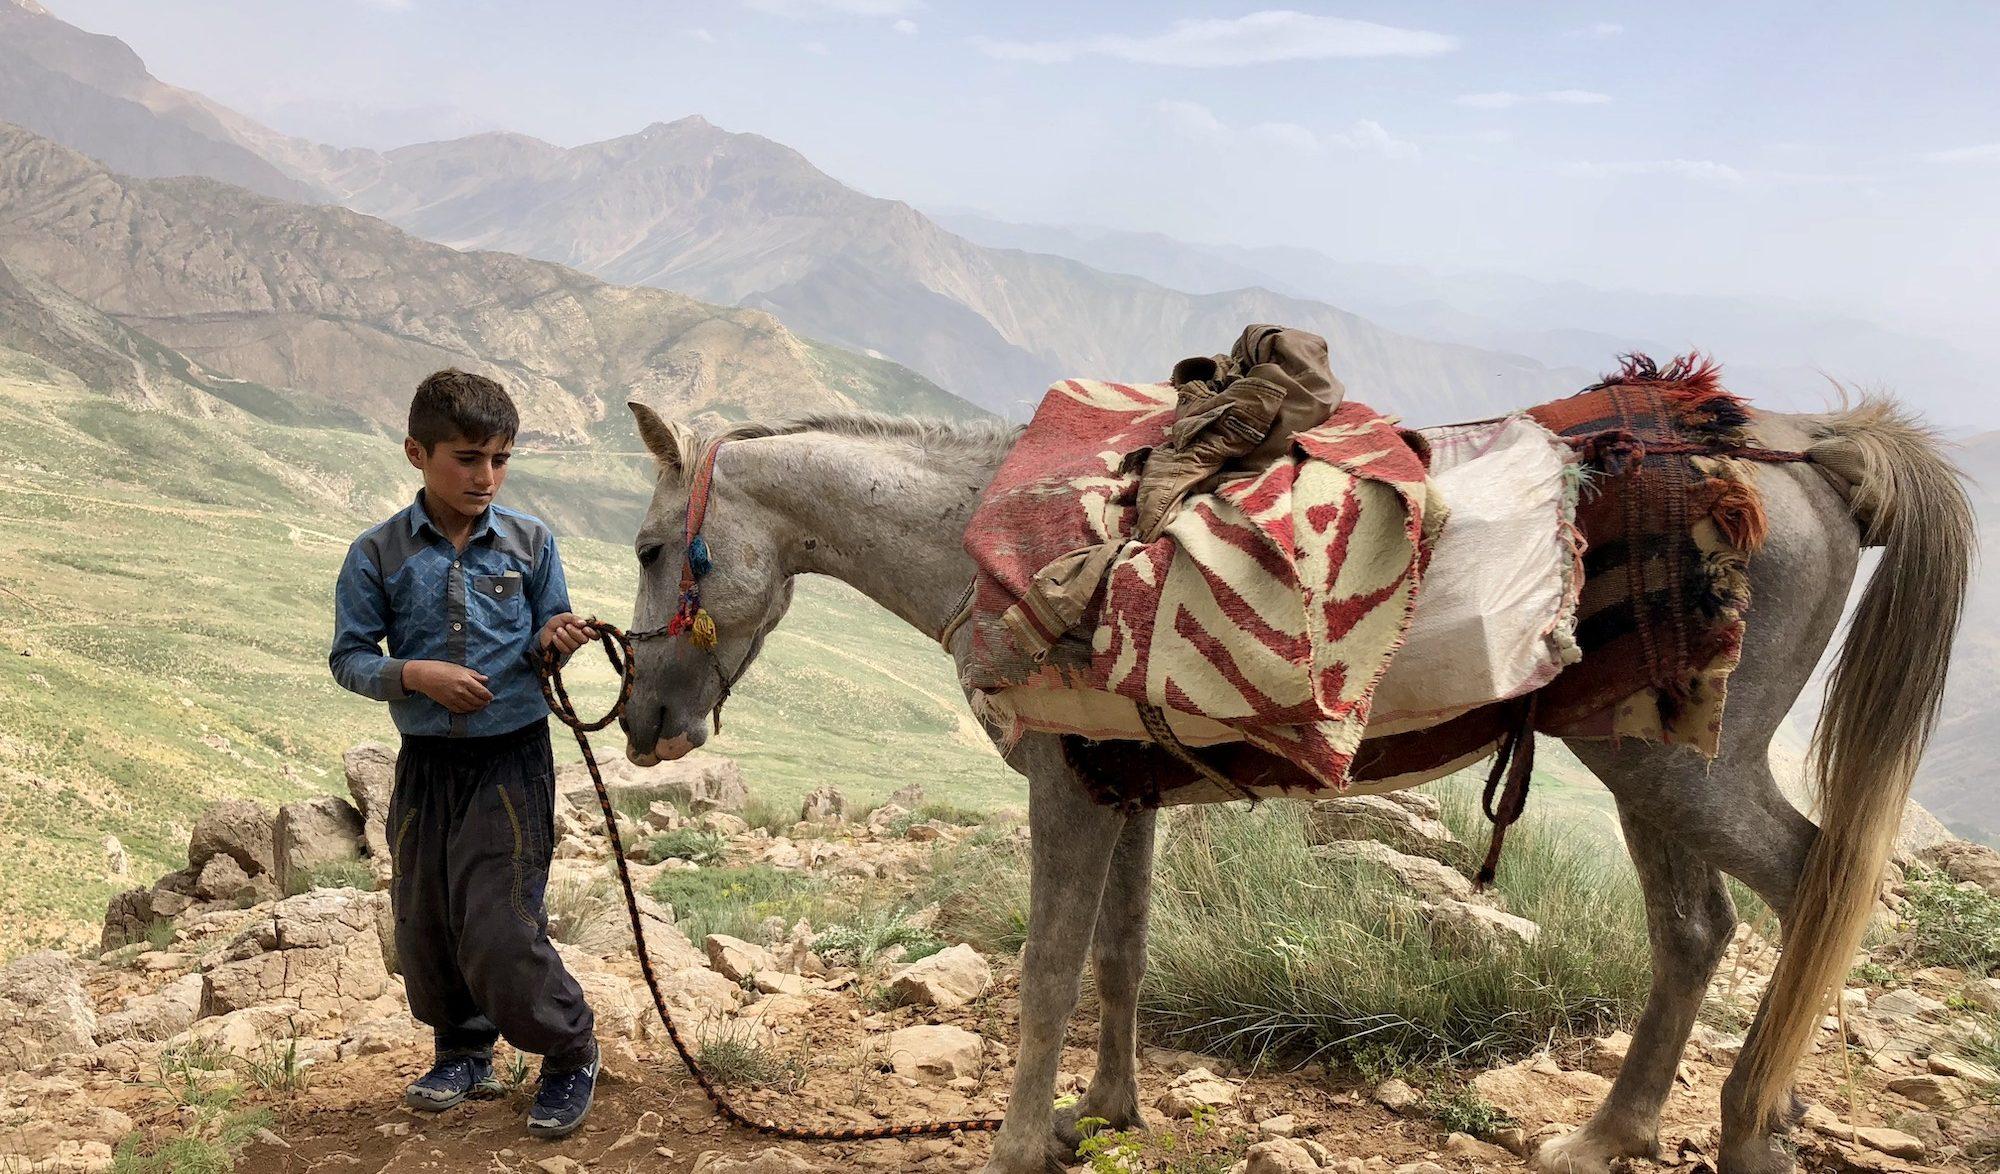 Nomades d'Iran l'instituteur des Monts Zagros